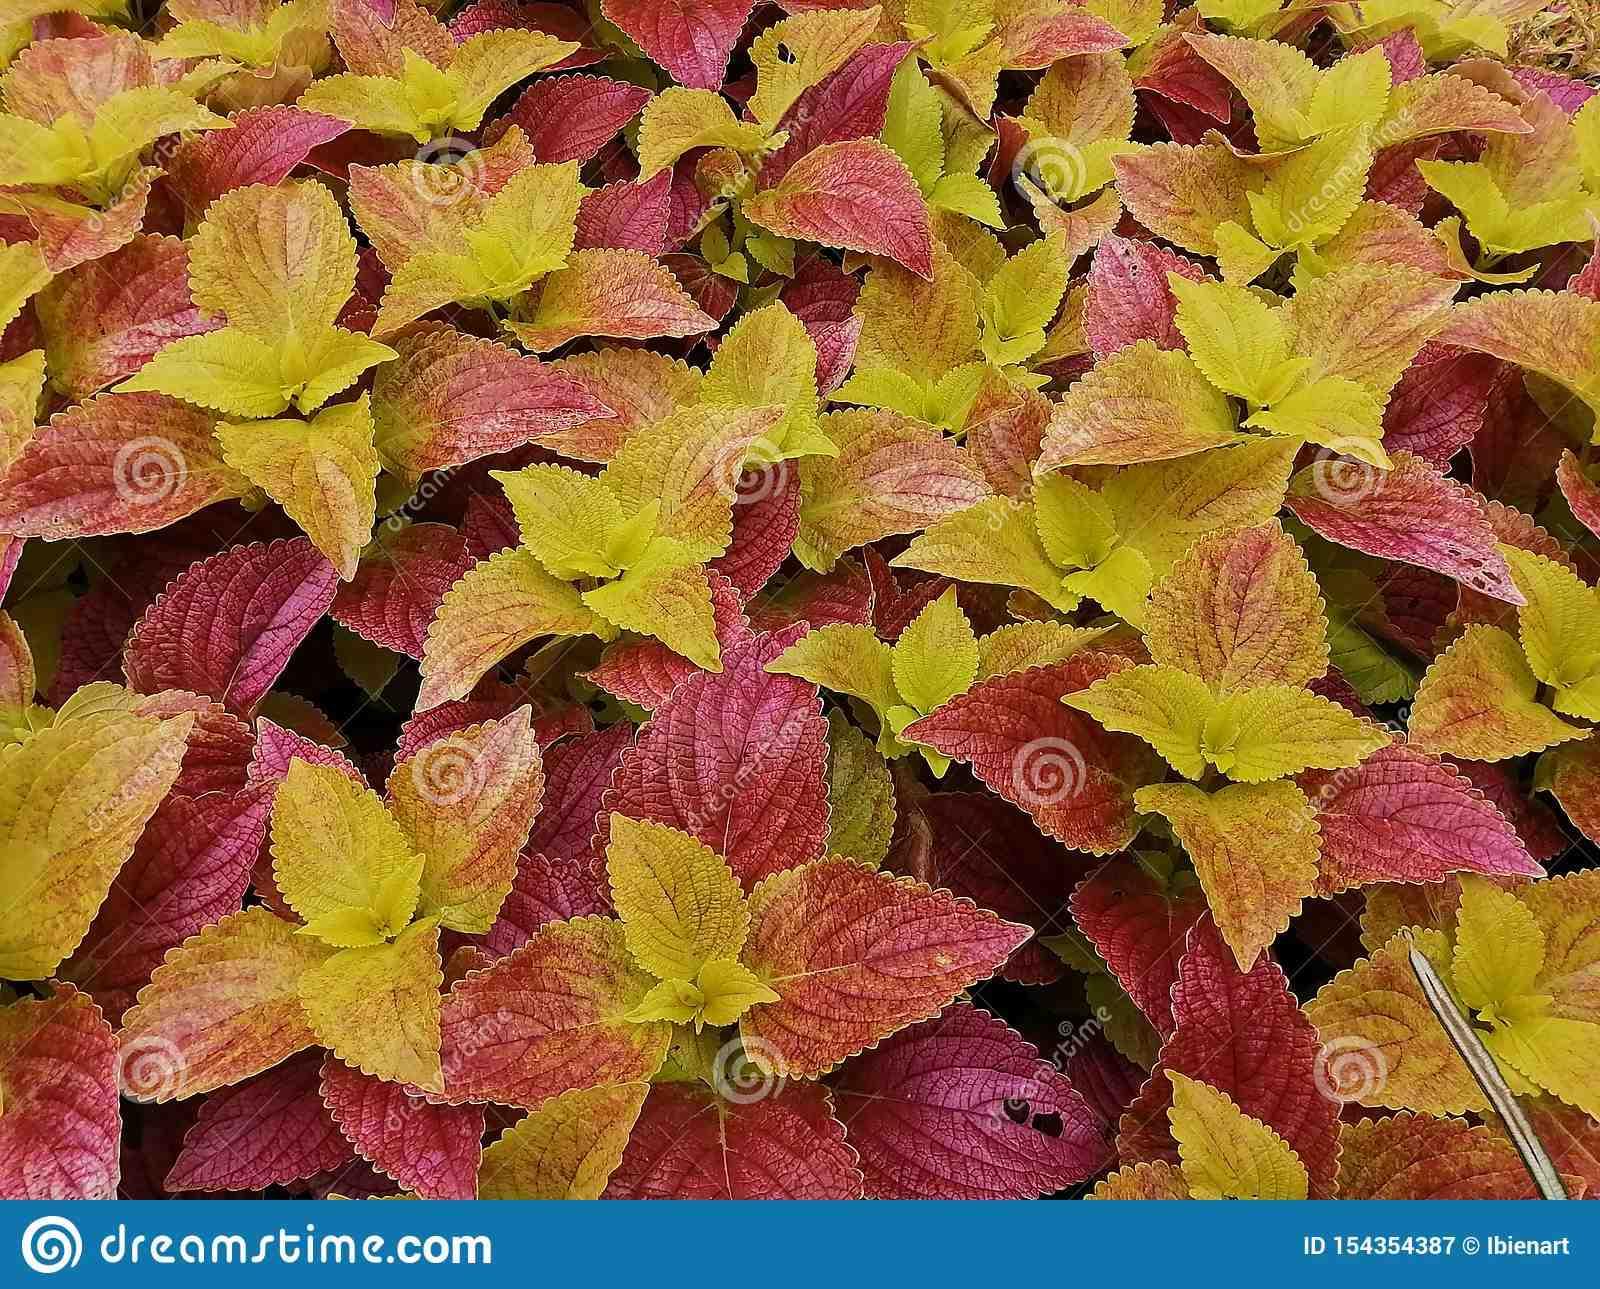 Comment sauver une plante jaune?